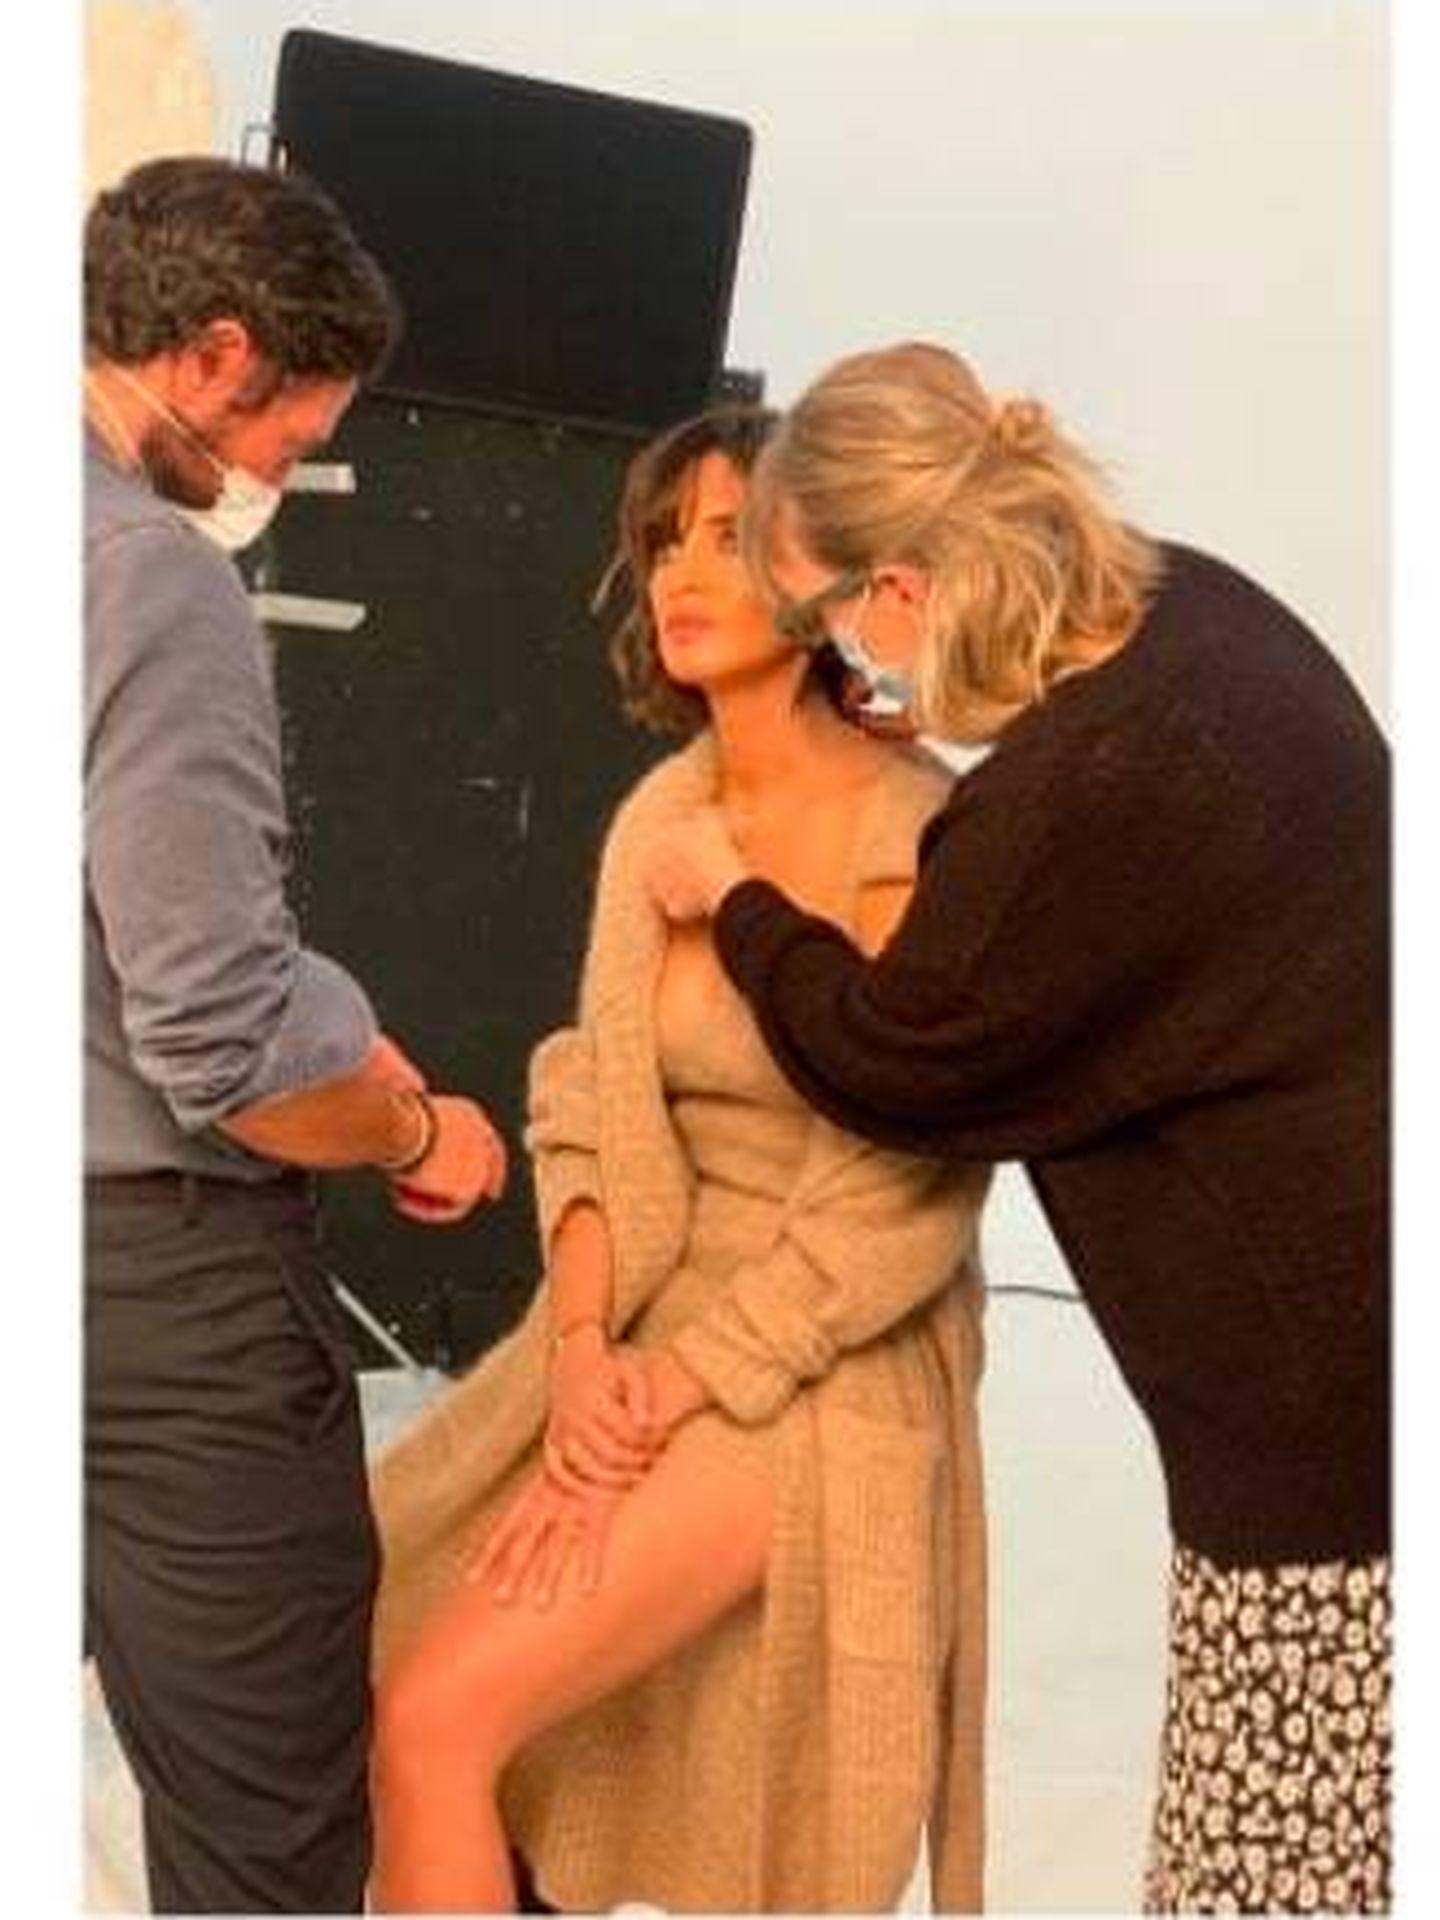 Sara Carbonero muestra en Instagram su total look de punto de Zara. (Cortesía)